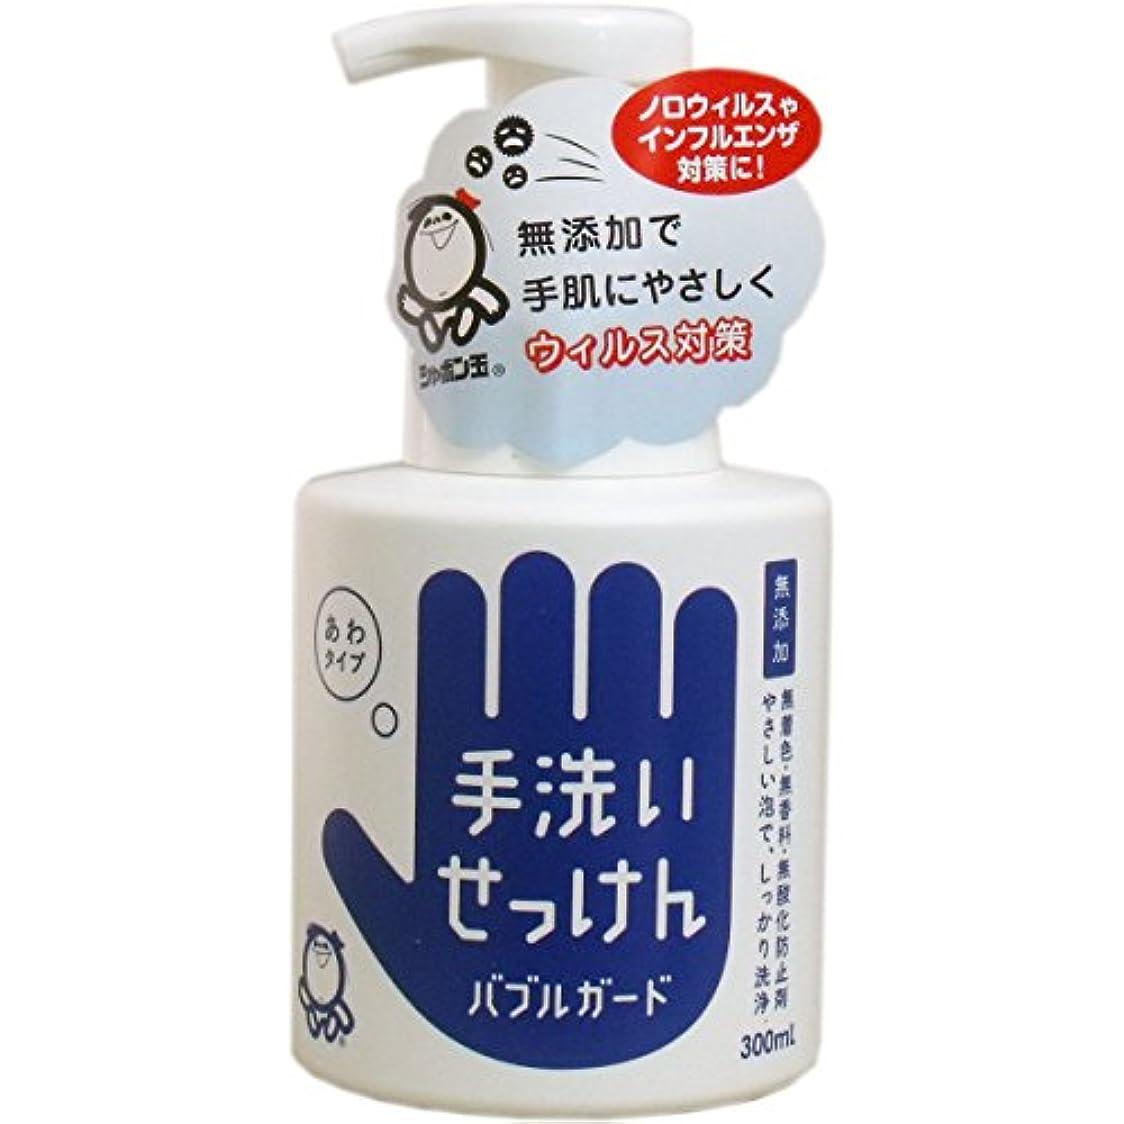 安らぎ足銛[シャボン玉石けん 1602793] (ケア商品)手洗いせっけん バブルガード 泡タイプ 本体 300ml